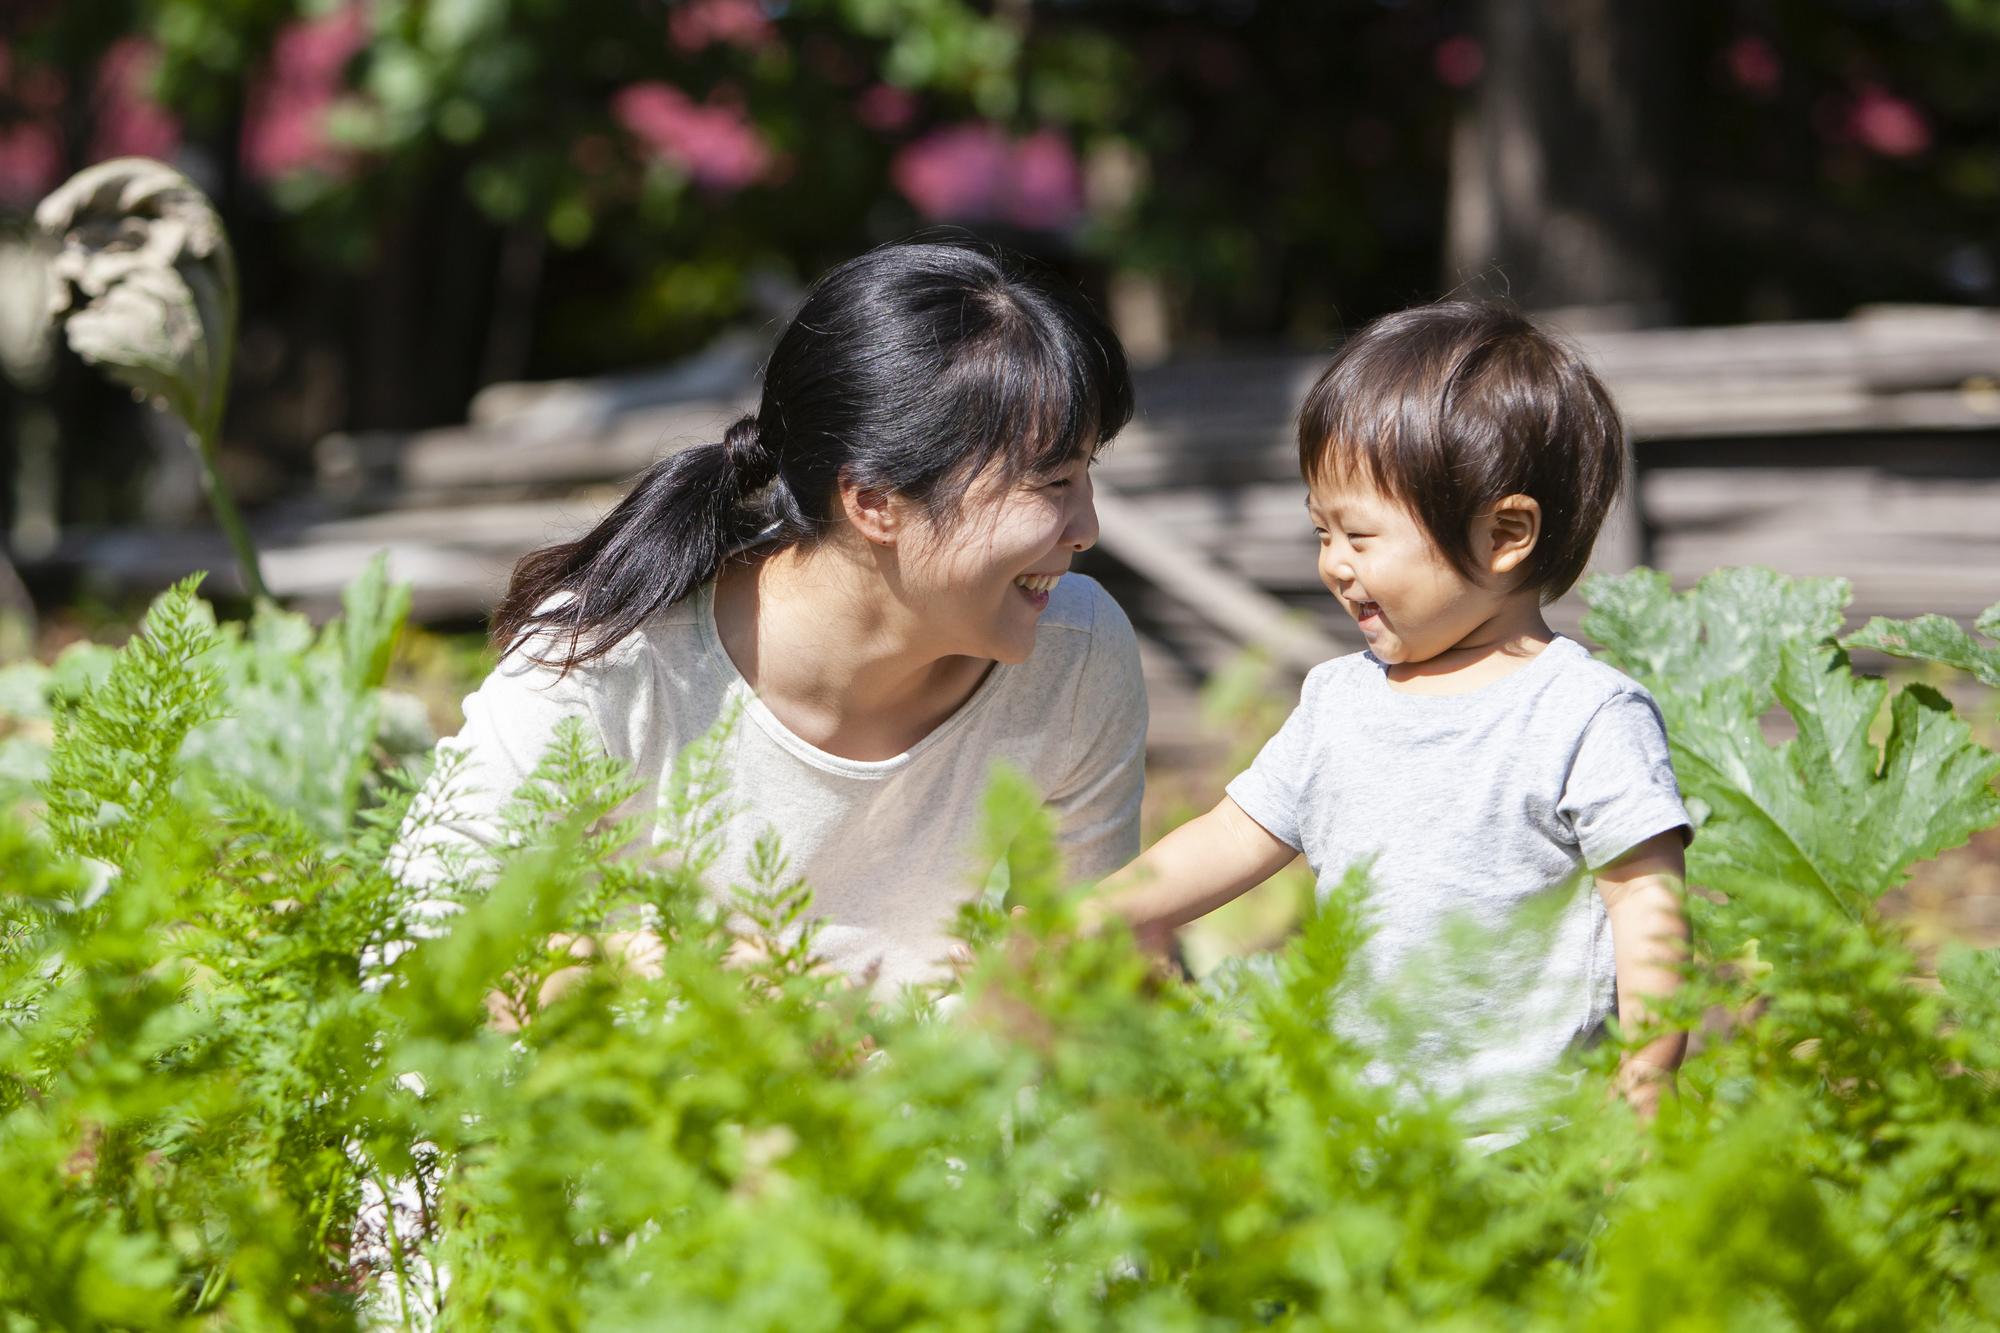 2歳児にイライラ限界!怒鳴ってしまって後悔・・・。子育てストレス解消